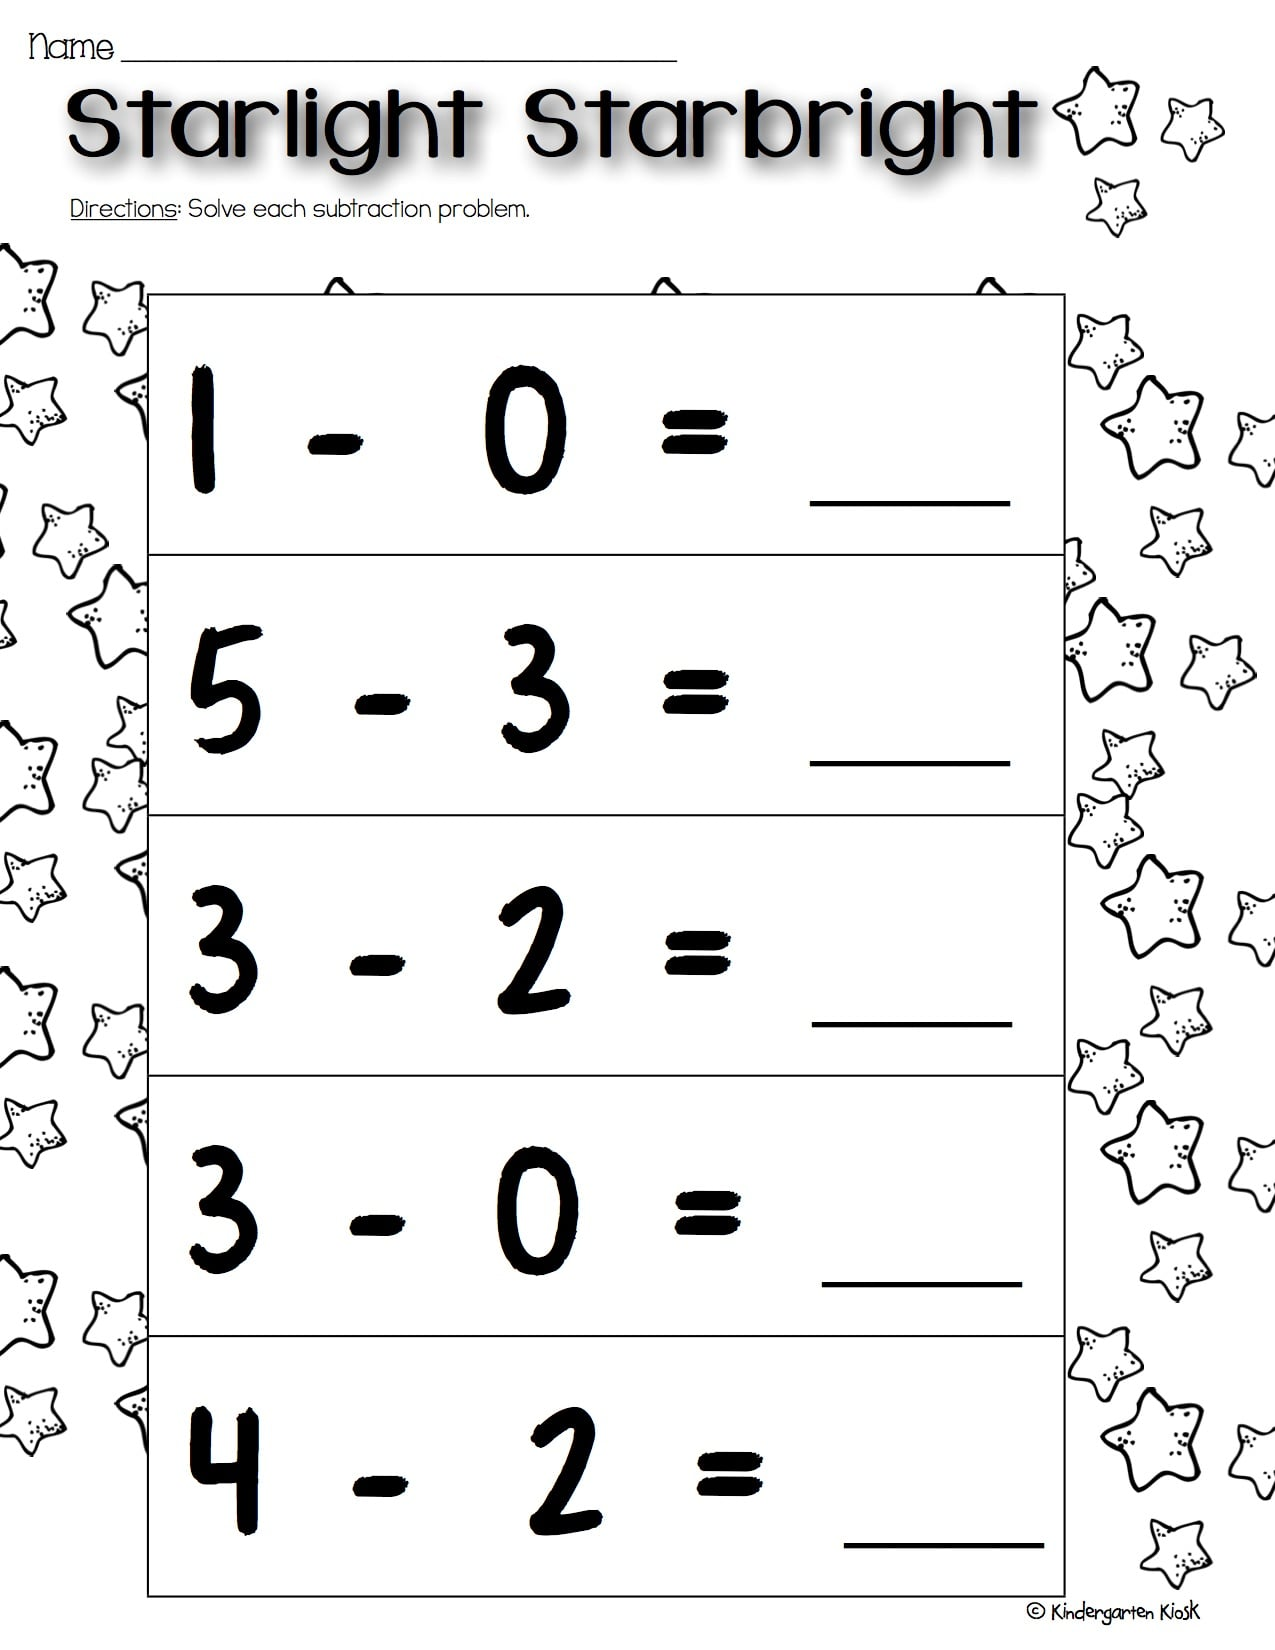 hight resolution of Kindergarten Subtraction Worksheets — Kindergarten Kiosk